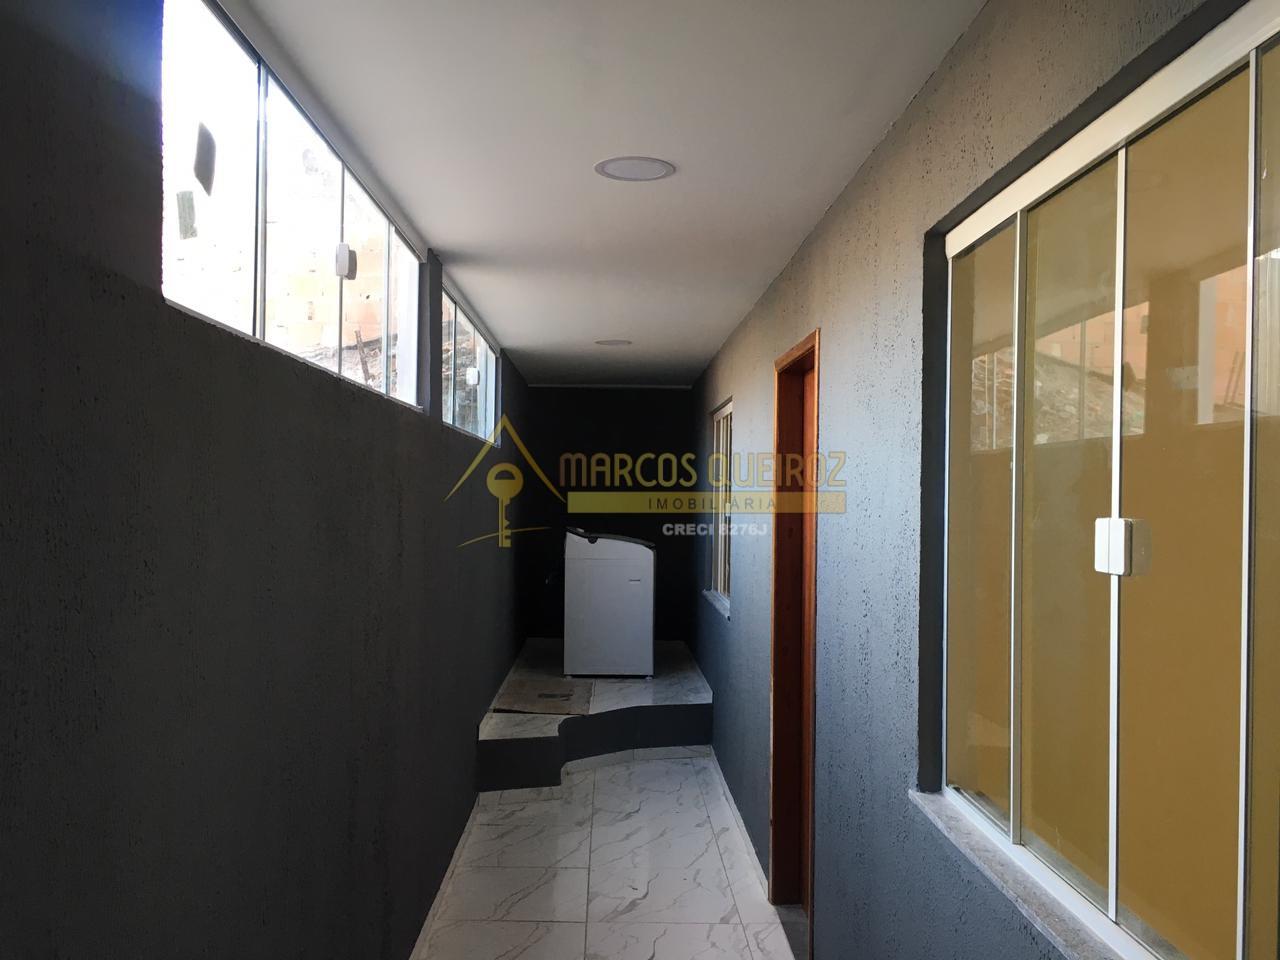 Cod: F130 Apartamento de 01 quarto de 1° locação – aluguel fixo